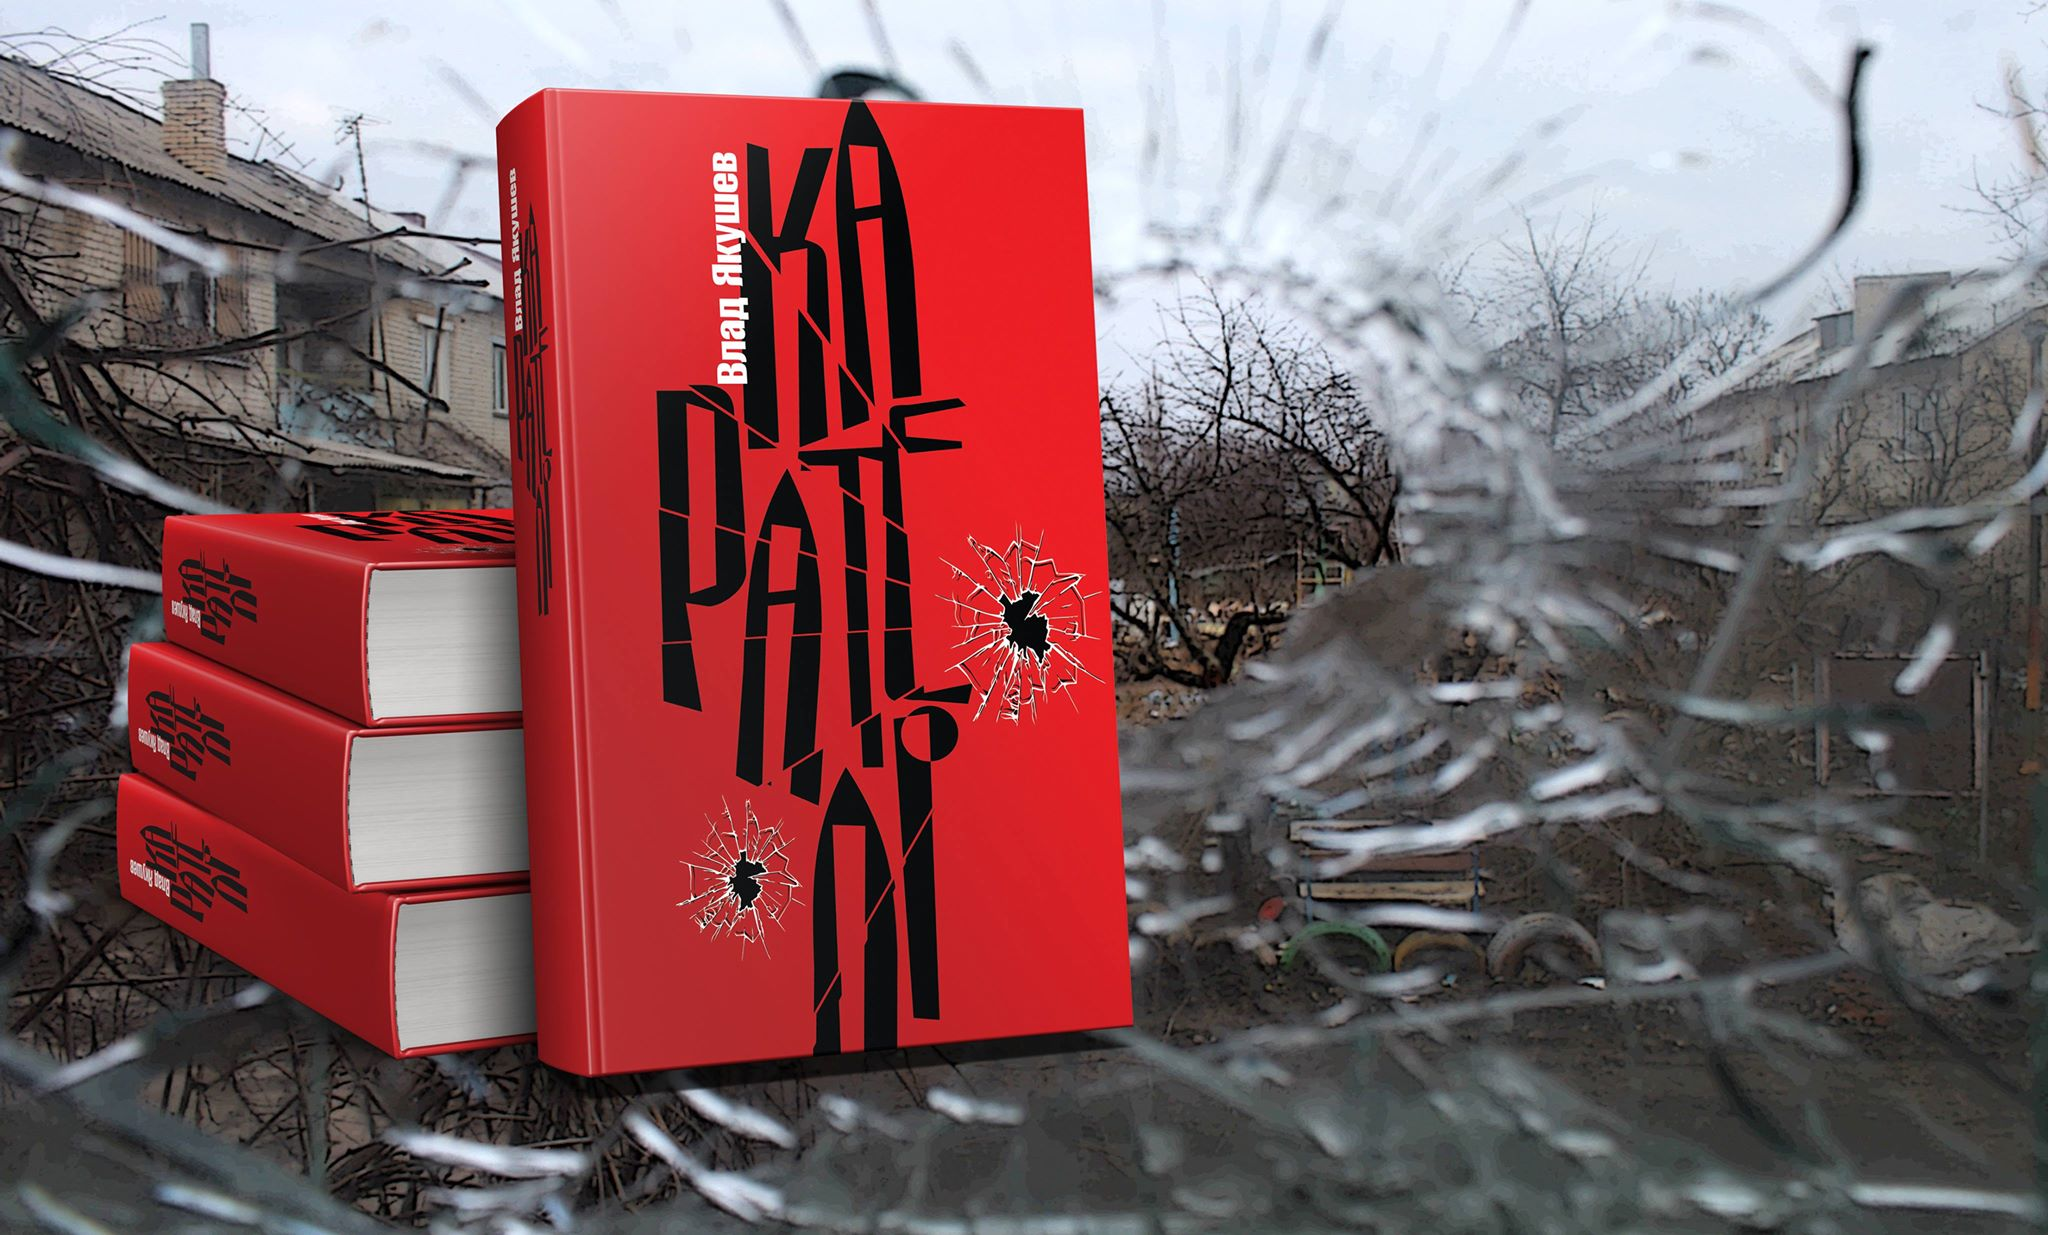 Колишній прес-офіцер Влад Якушев написав книгу для тих, хто боїться читати про війну